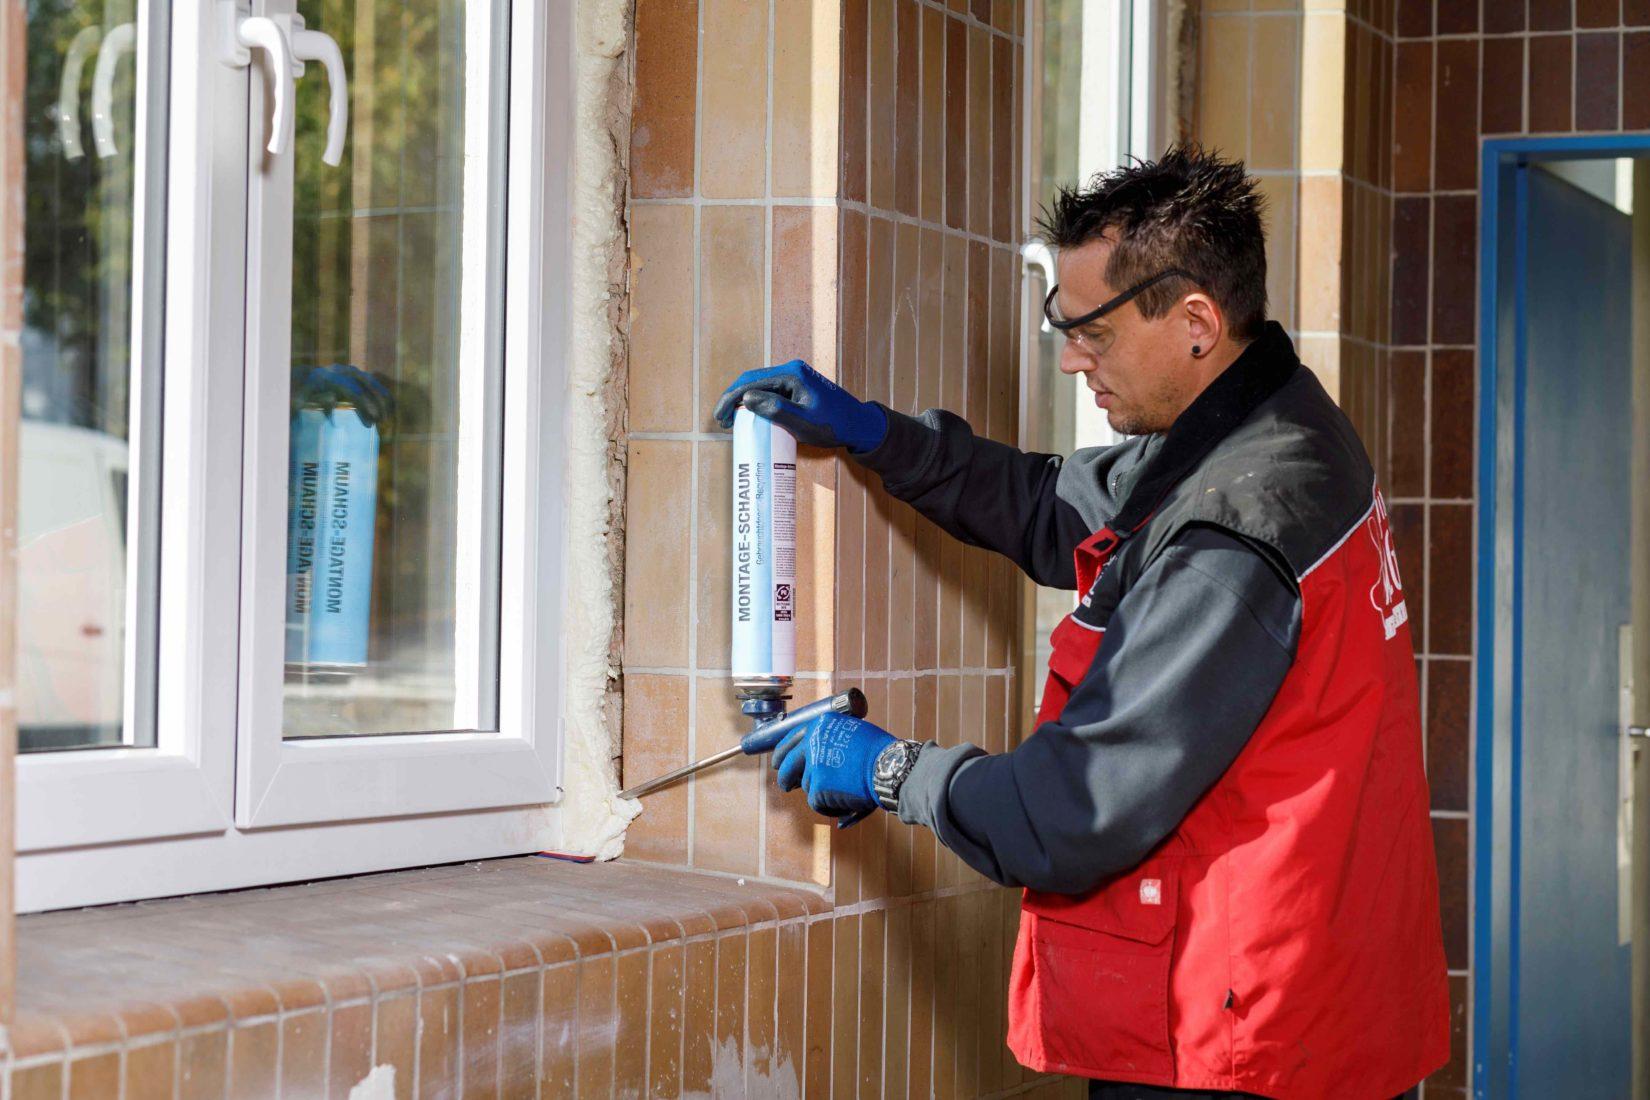 Für Fenster ist flexibler PU-Schaum das Mittel der Wahl. Foto: PU-Schaum-Infocenter